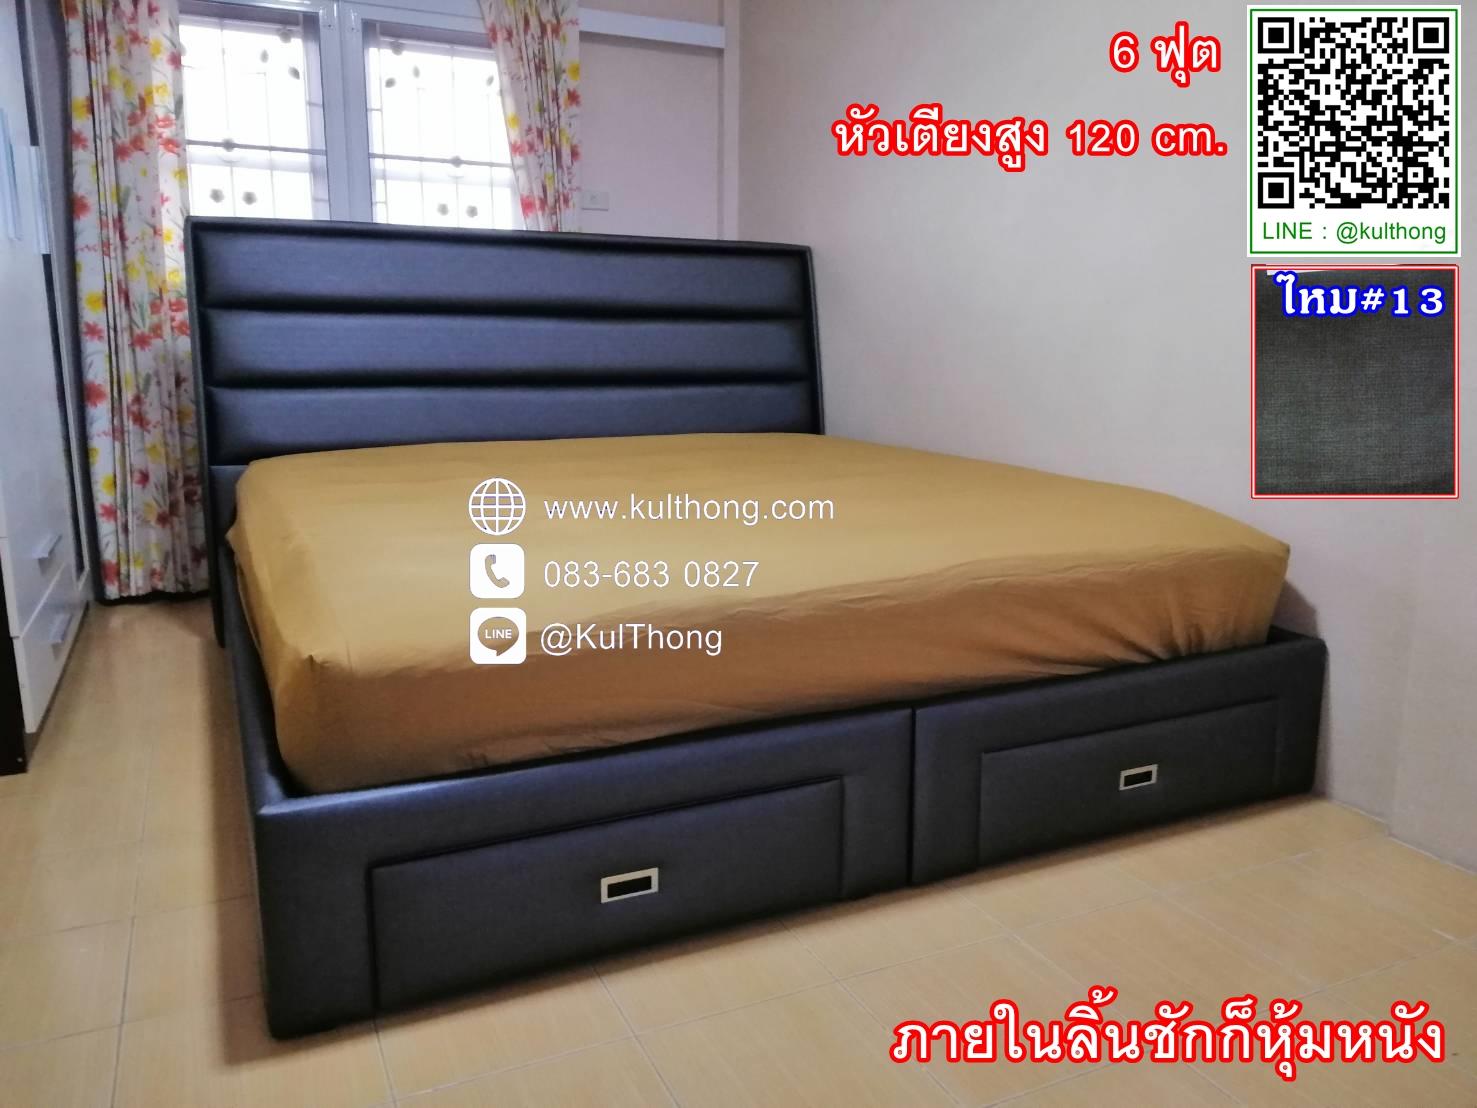 ฐานรองที่นอน เตียงลิ้นชัก เตียงหุ้มหนัง เตียงลิ้นชักหุ้มหนัง